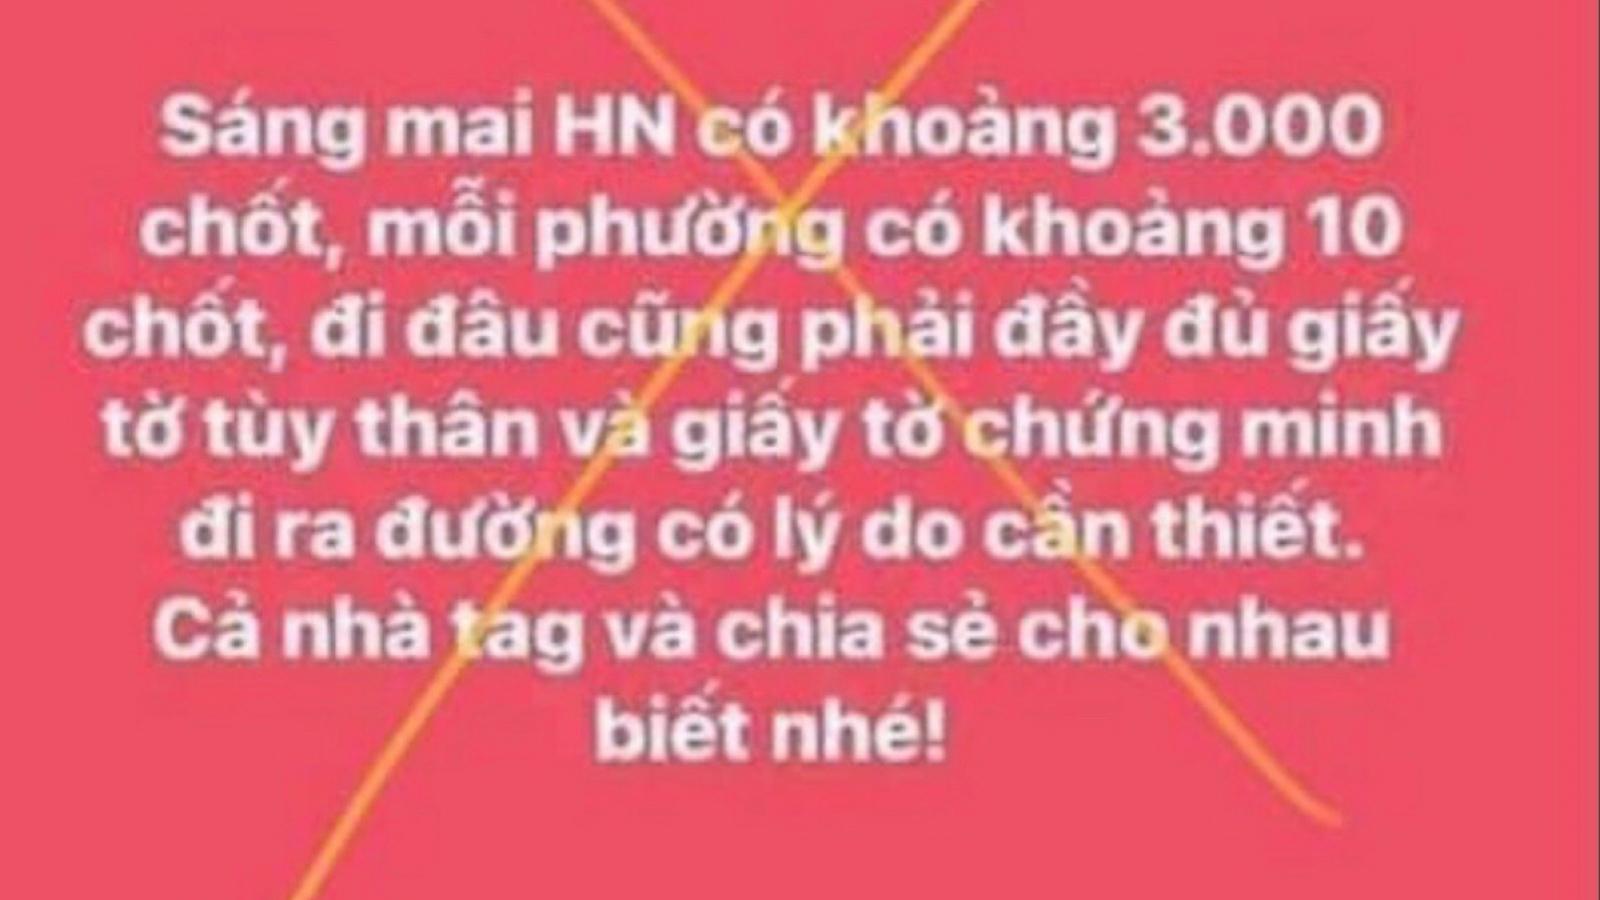 """Tung tin thất thiệt """"Hà Nội có khoảng 3.000 chốt"""", một cá nhân bị phạt 12,5 triệu đồng"""